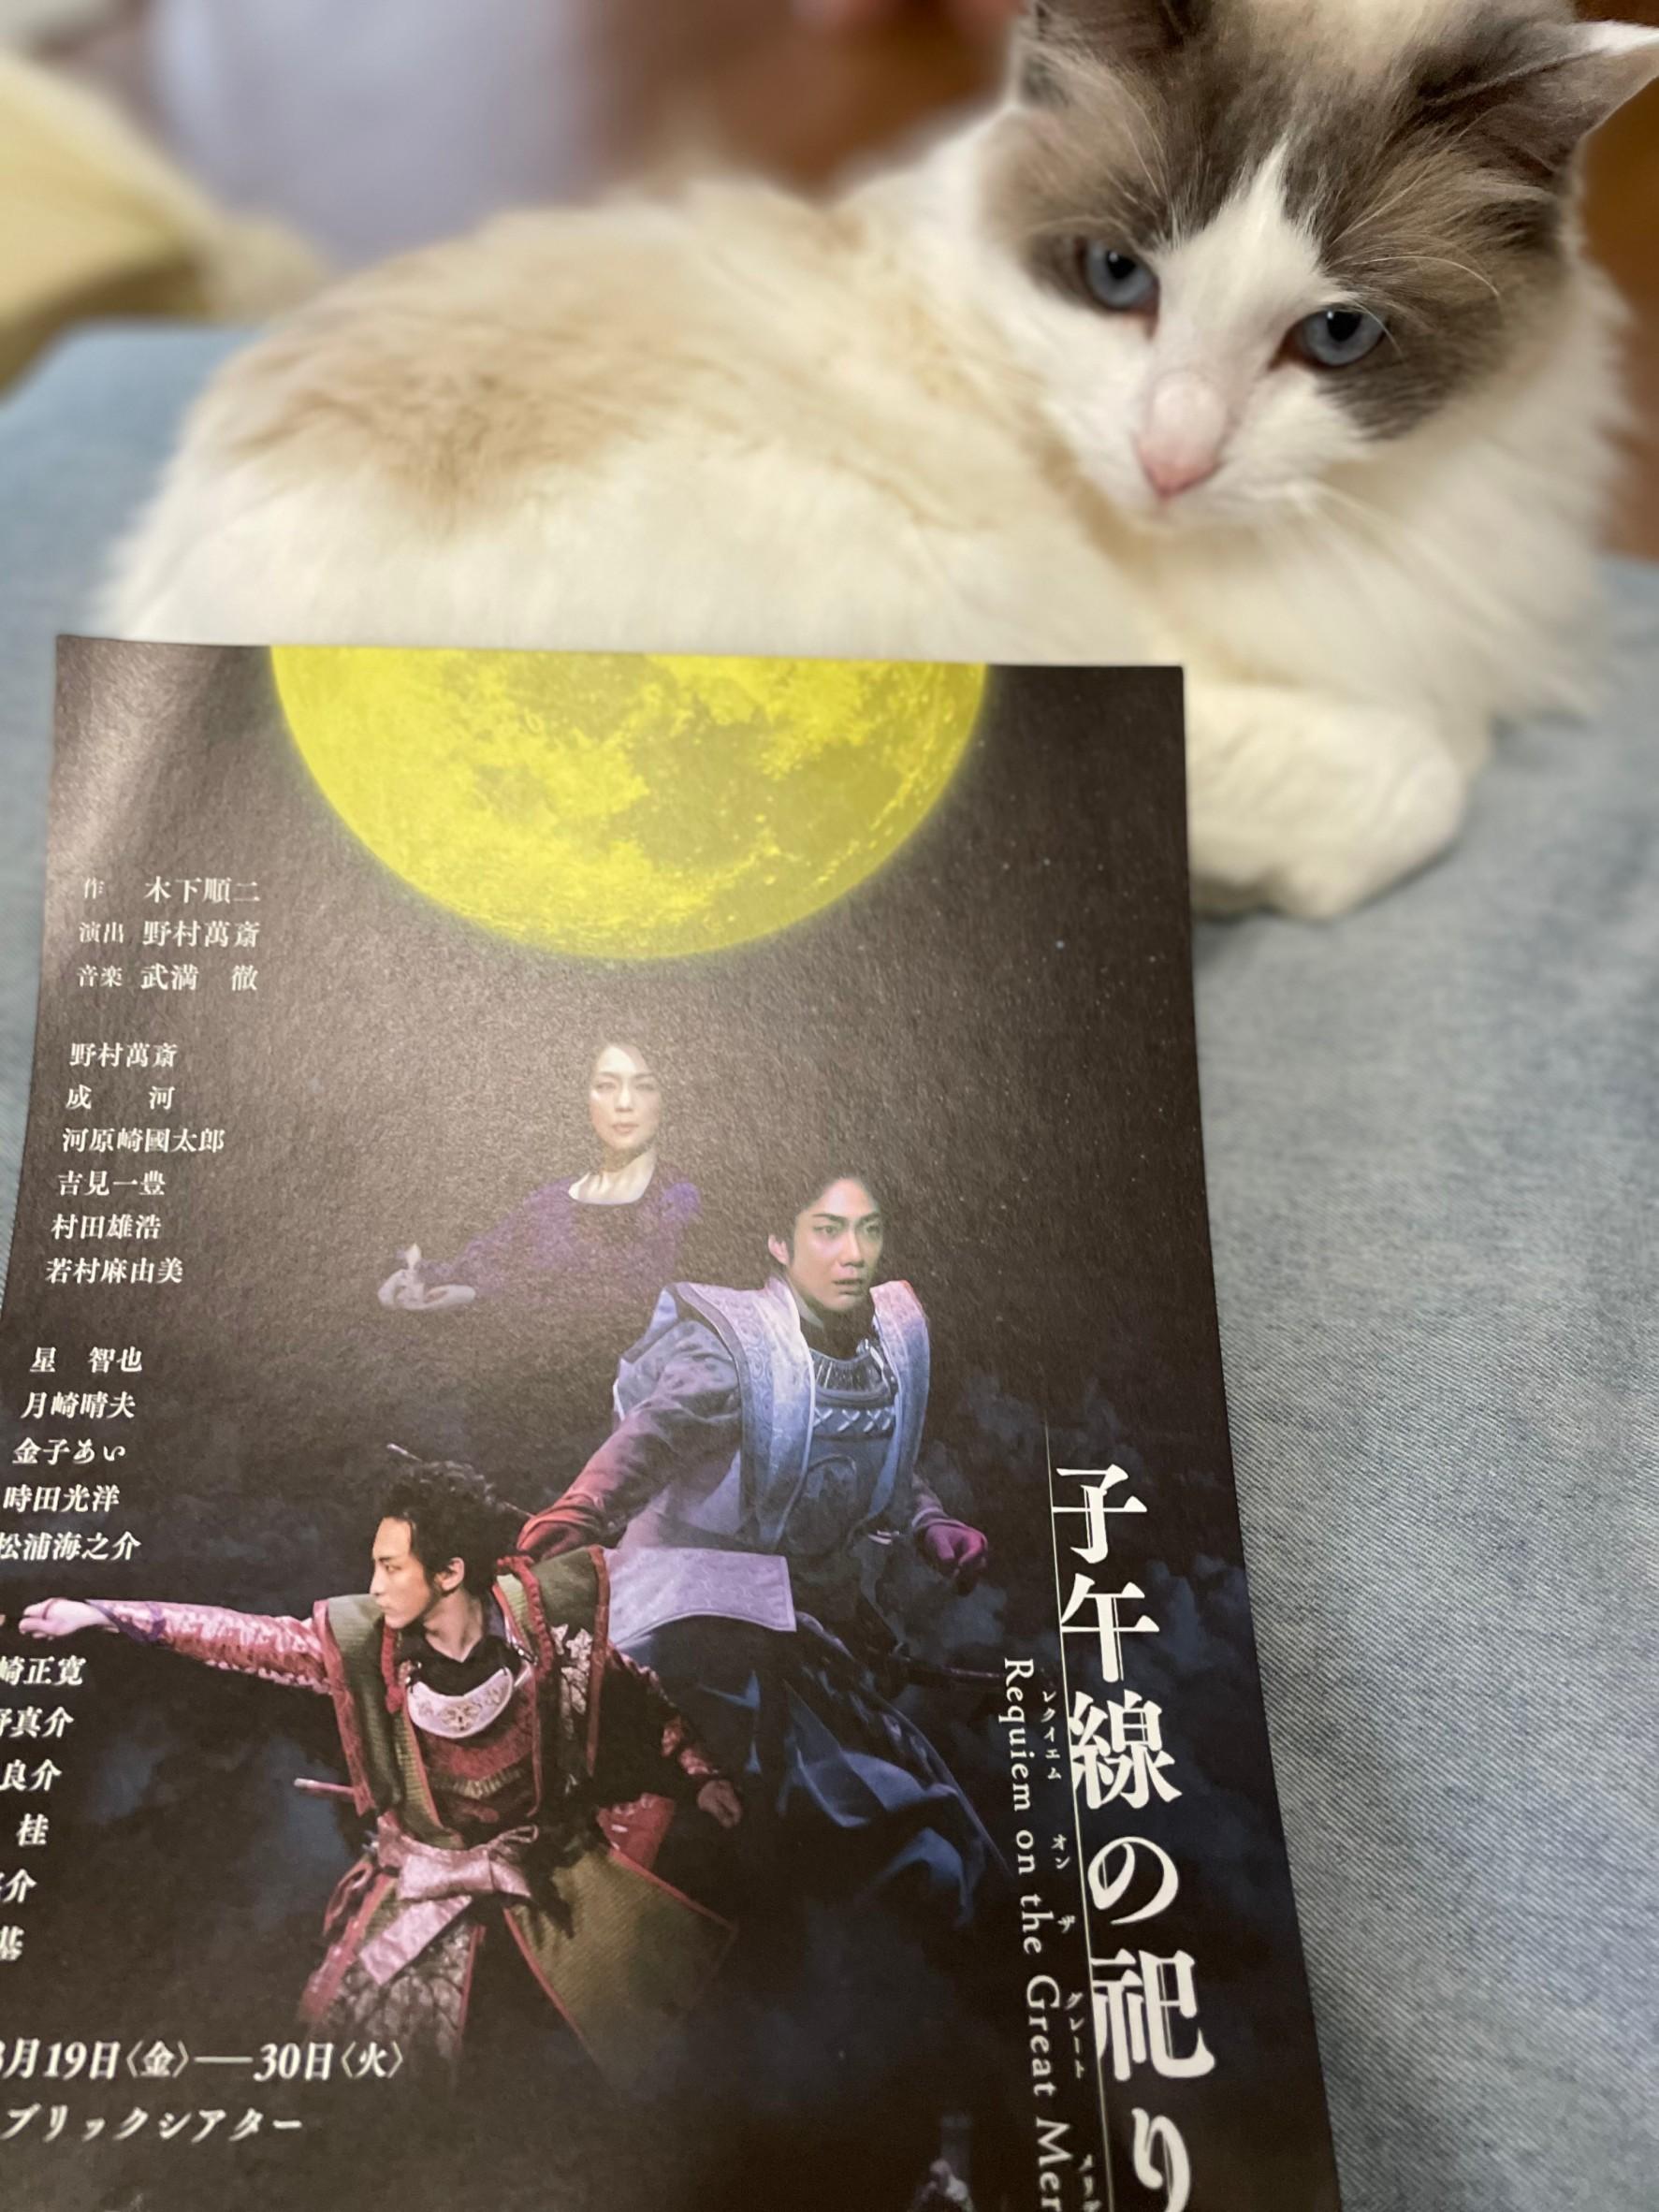 猫(上の子)とチラシ